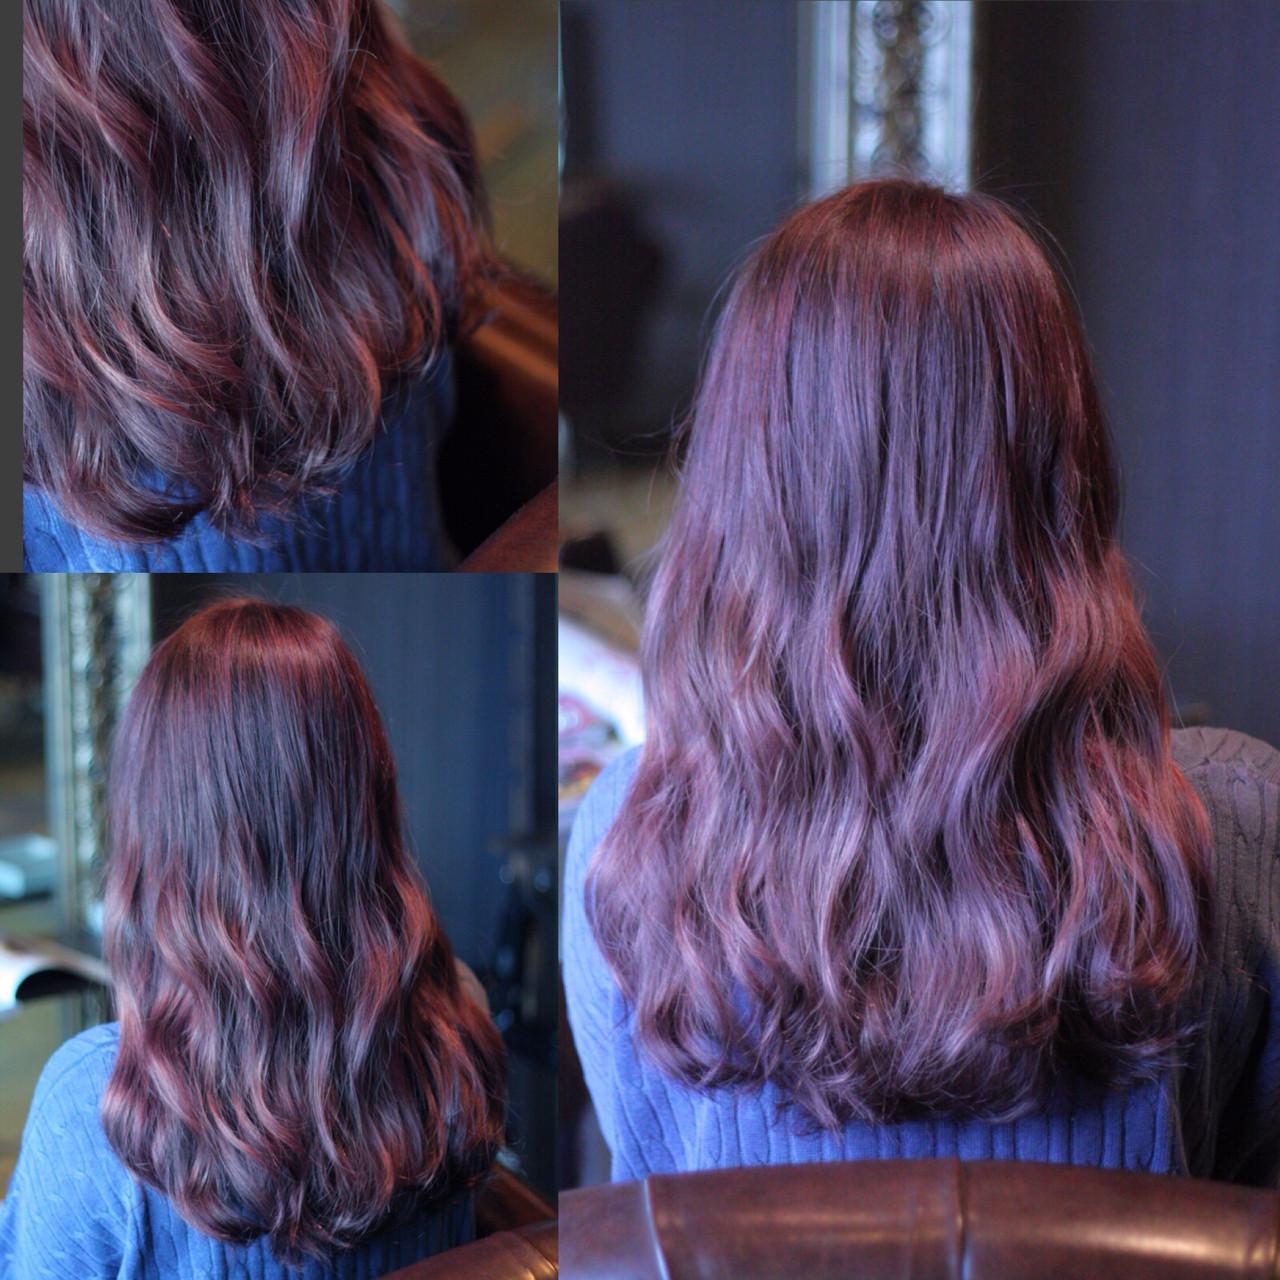 セミロング ゆるふわ ウェーブ ピンク ヘアスタイルや髪型の写真・画像